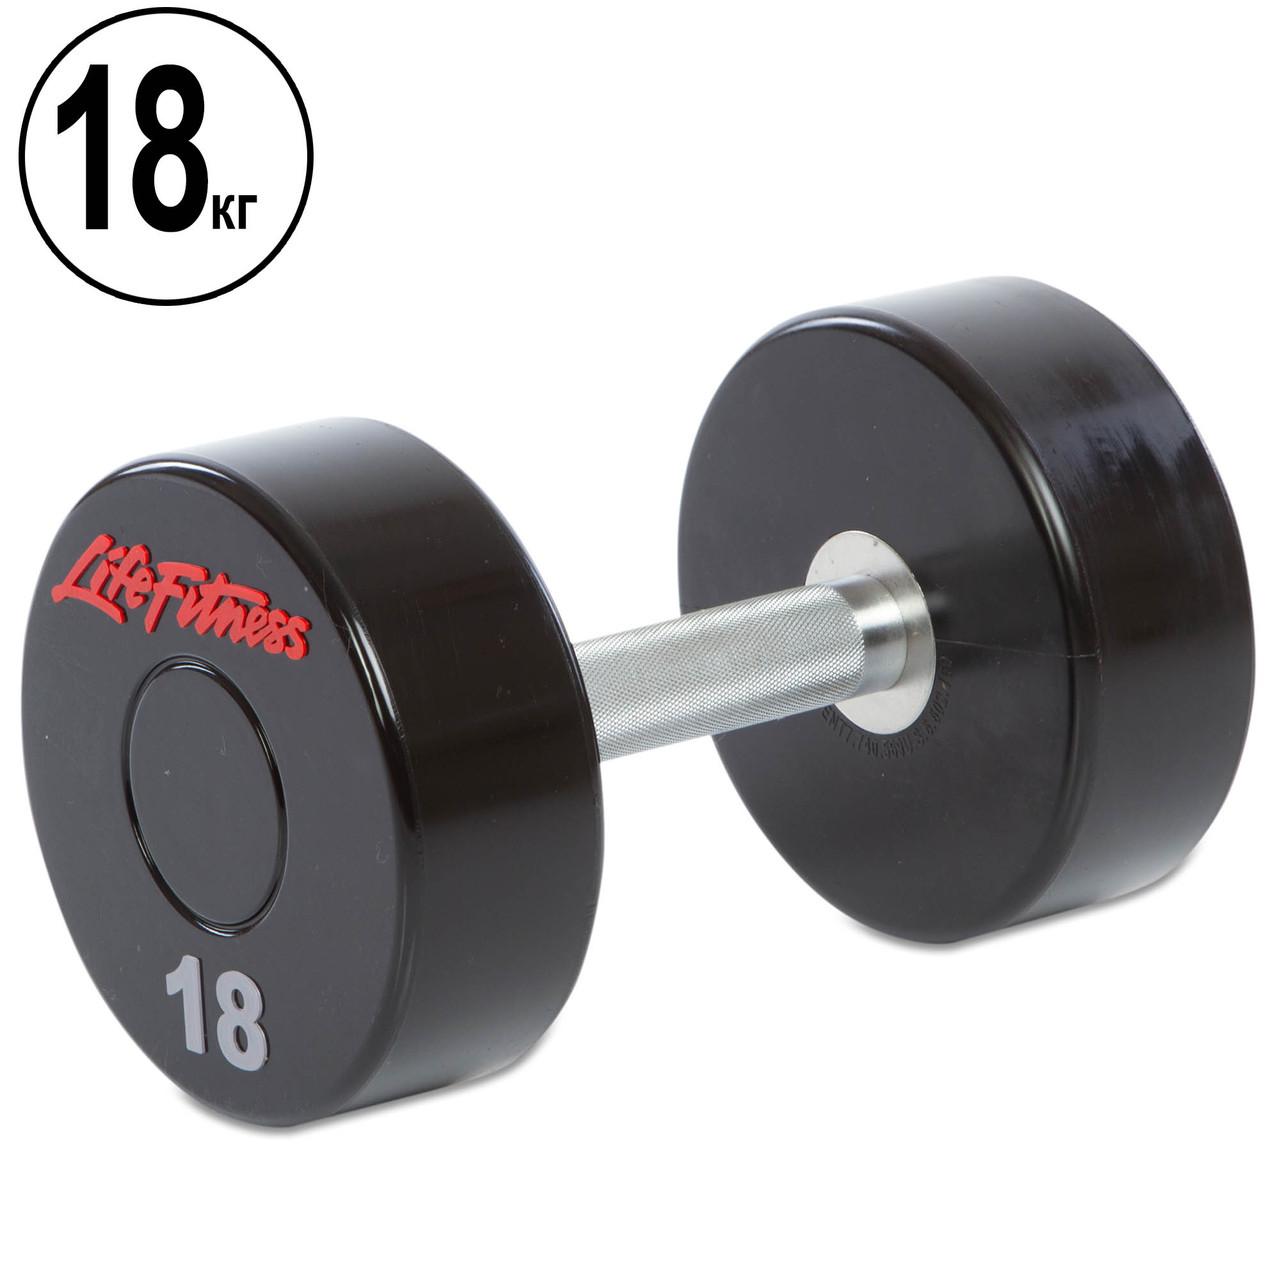 Гантель цельная профессиональная Life Fitness (1шт) 18 кг (полиуретановое покрытие, вес 18кг)